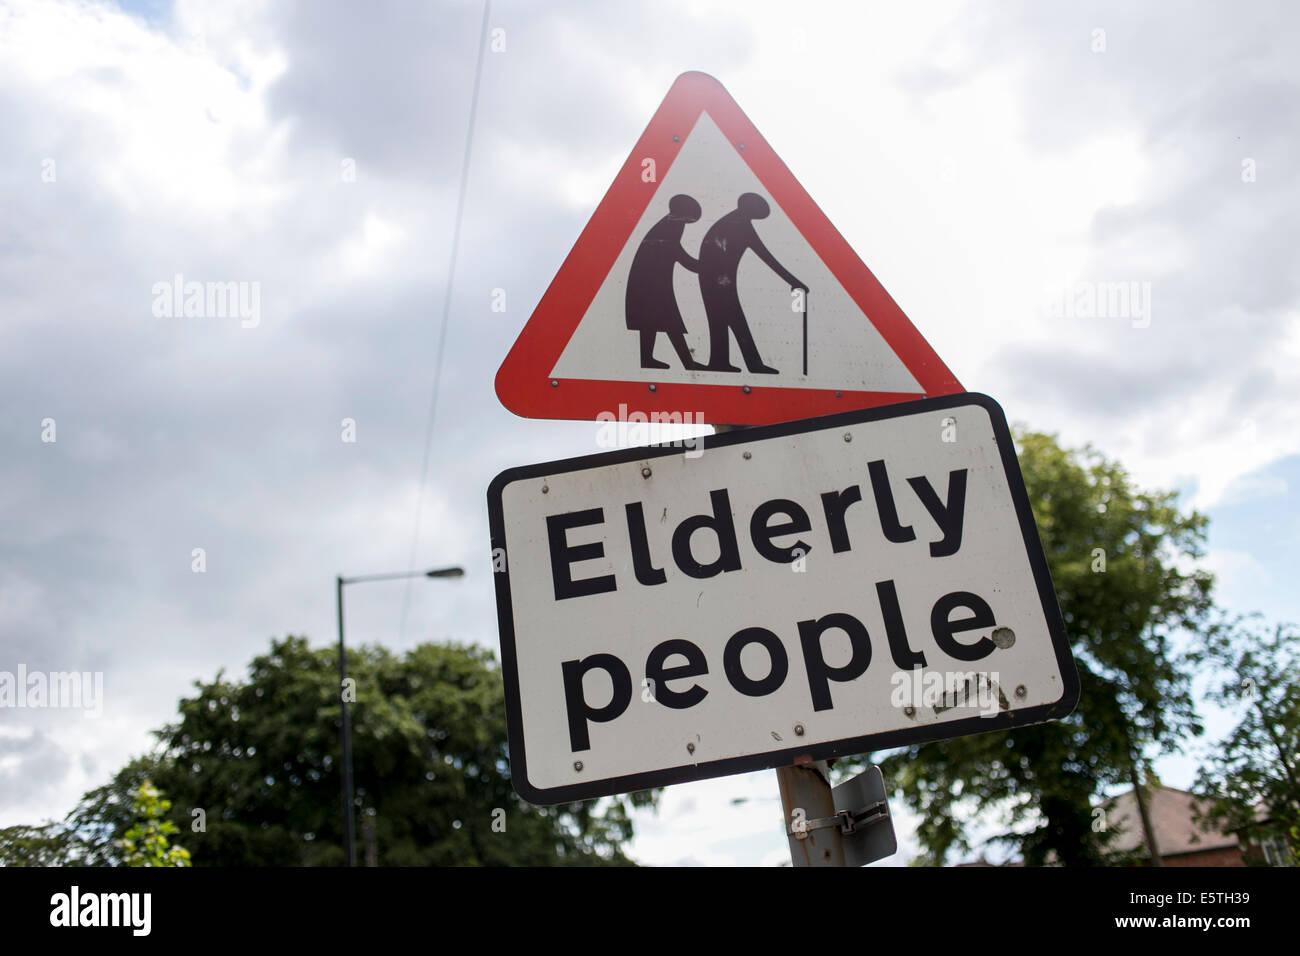 Gli anziani il traffico stradale segno Immagini Stock